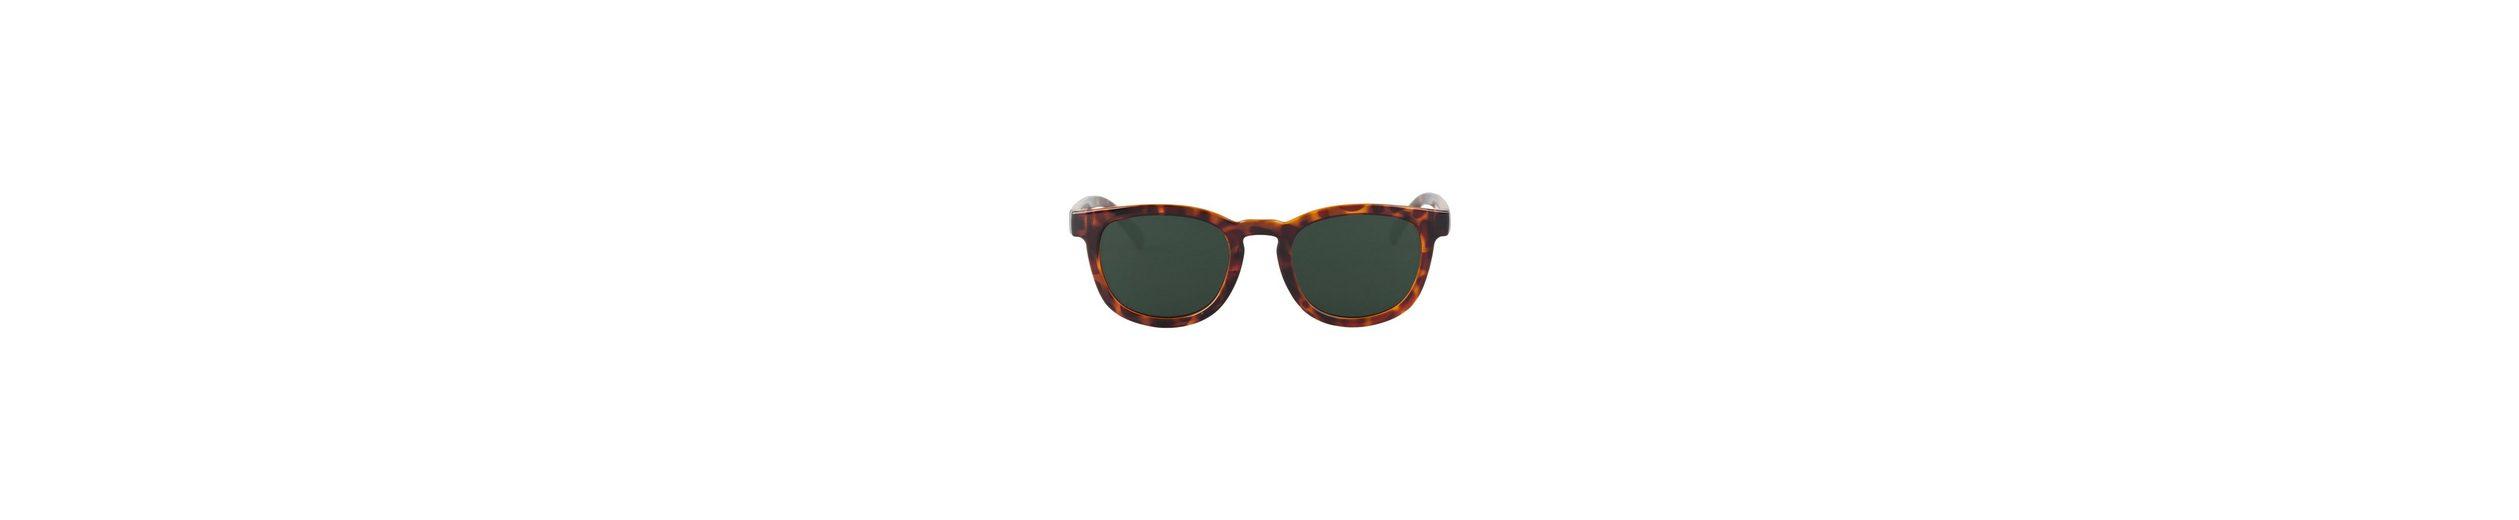 Mr. Boho Sonnenbrille »Vintage Tortoise Brera mit klassischen Gläsern«